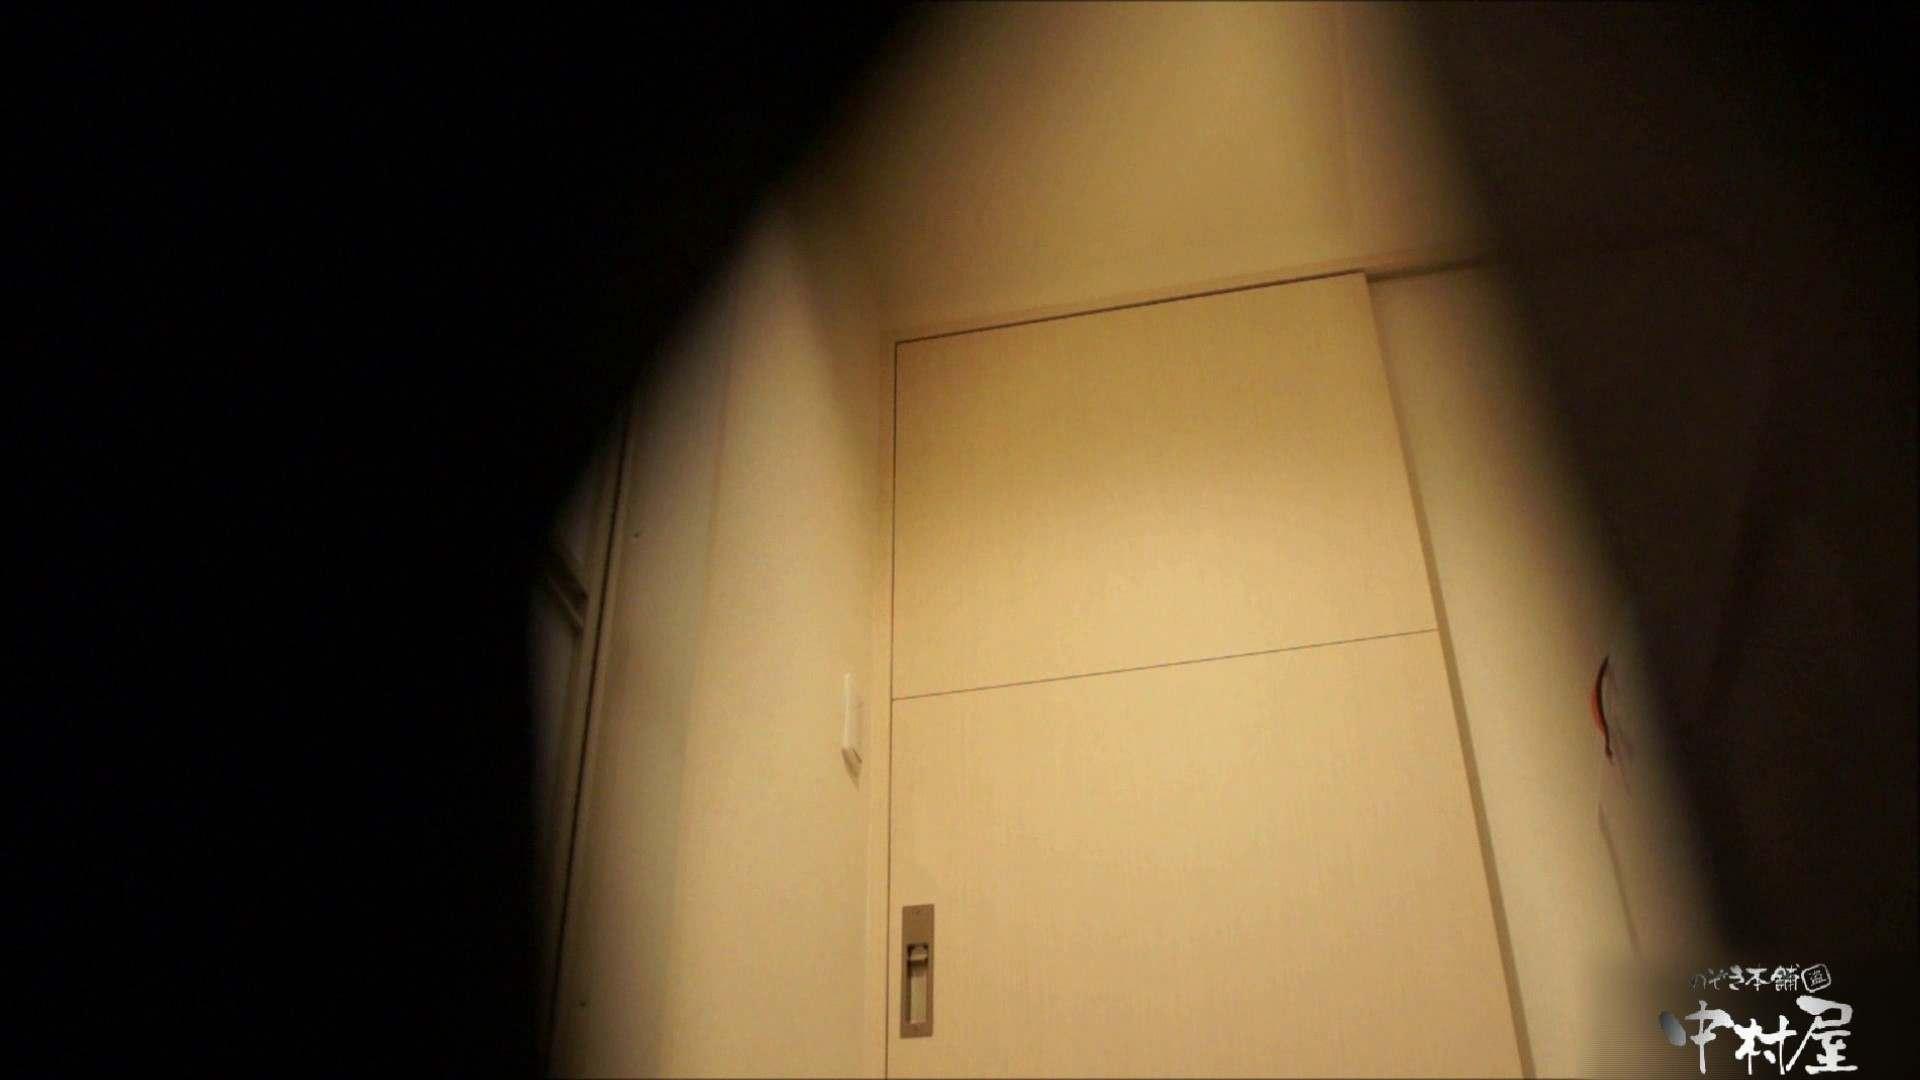 盗撮AV:二人とも育てた甲斐がありました…vol.59【小春】脱衣所とオナニー隠し撮り 前編:のぞき本舗 中村屋